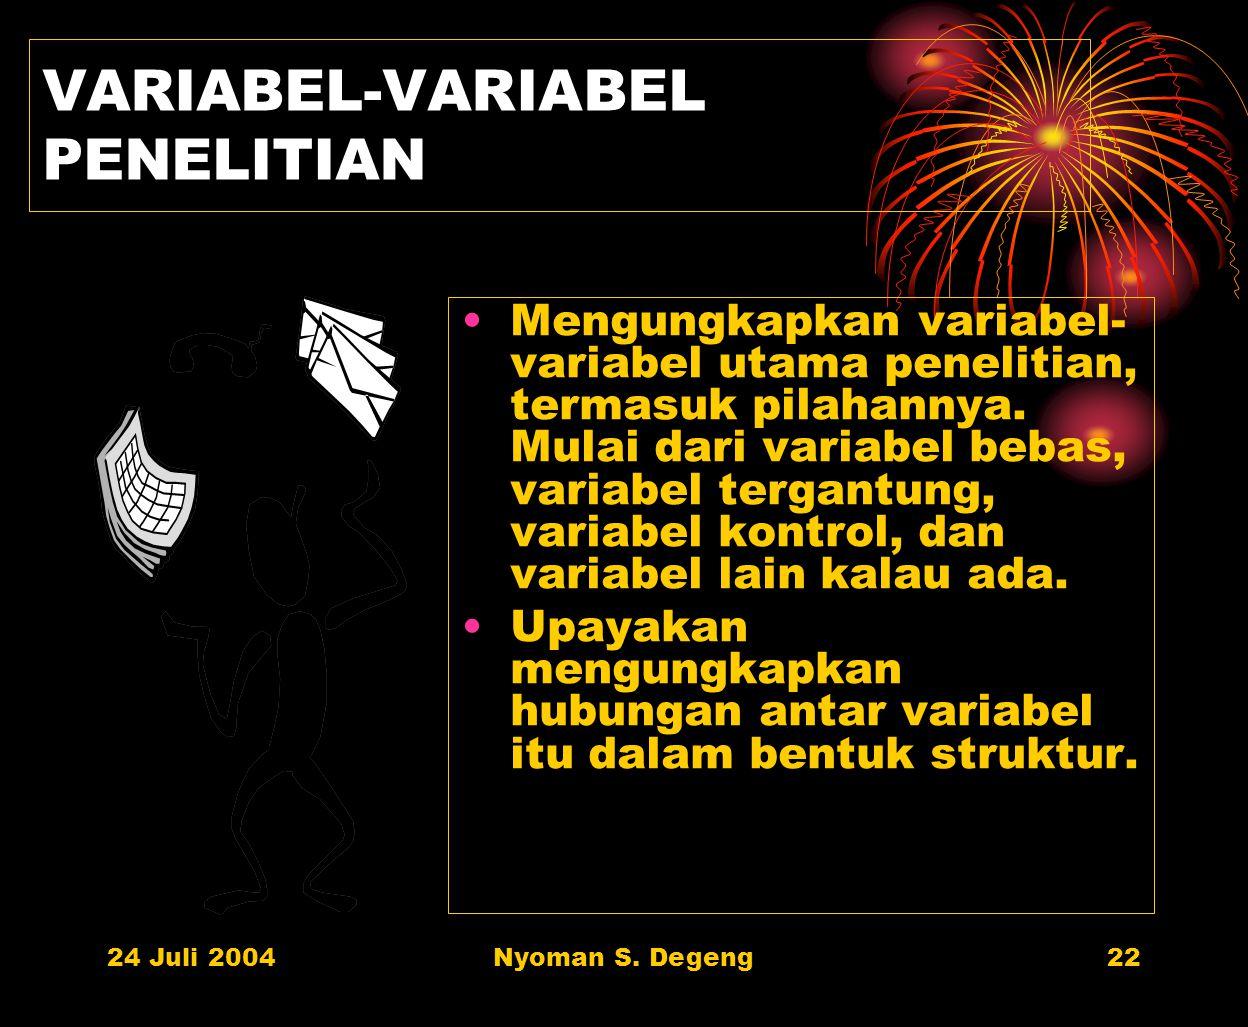 VARIABEL-VARIABEL PENELITIAN